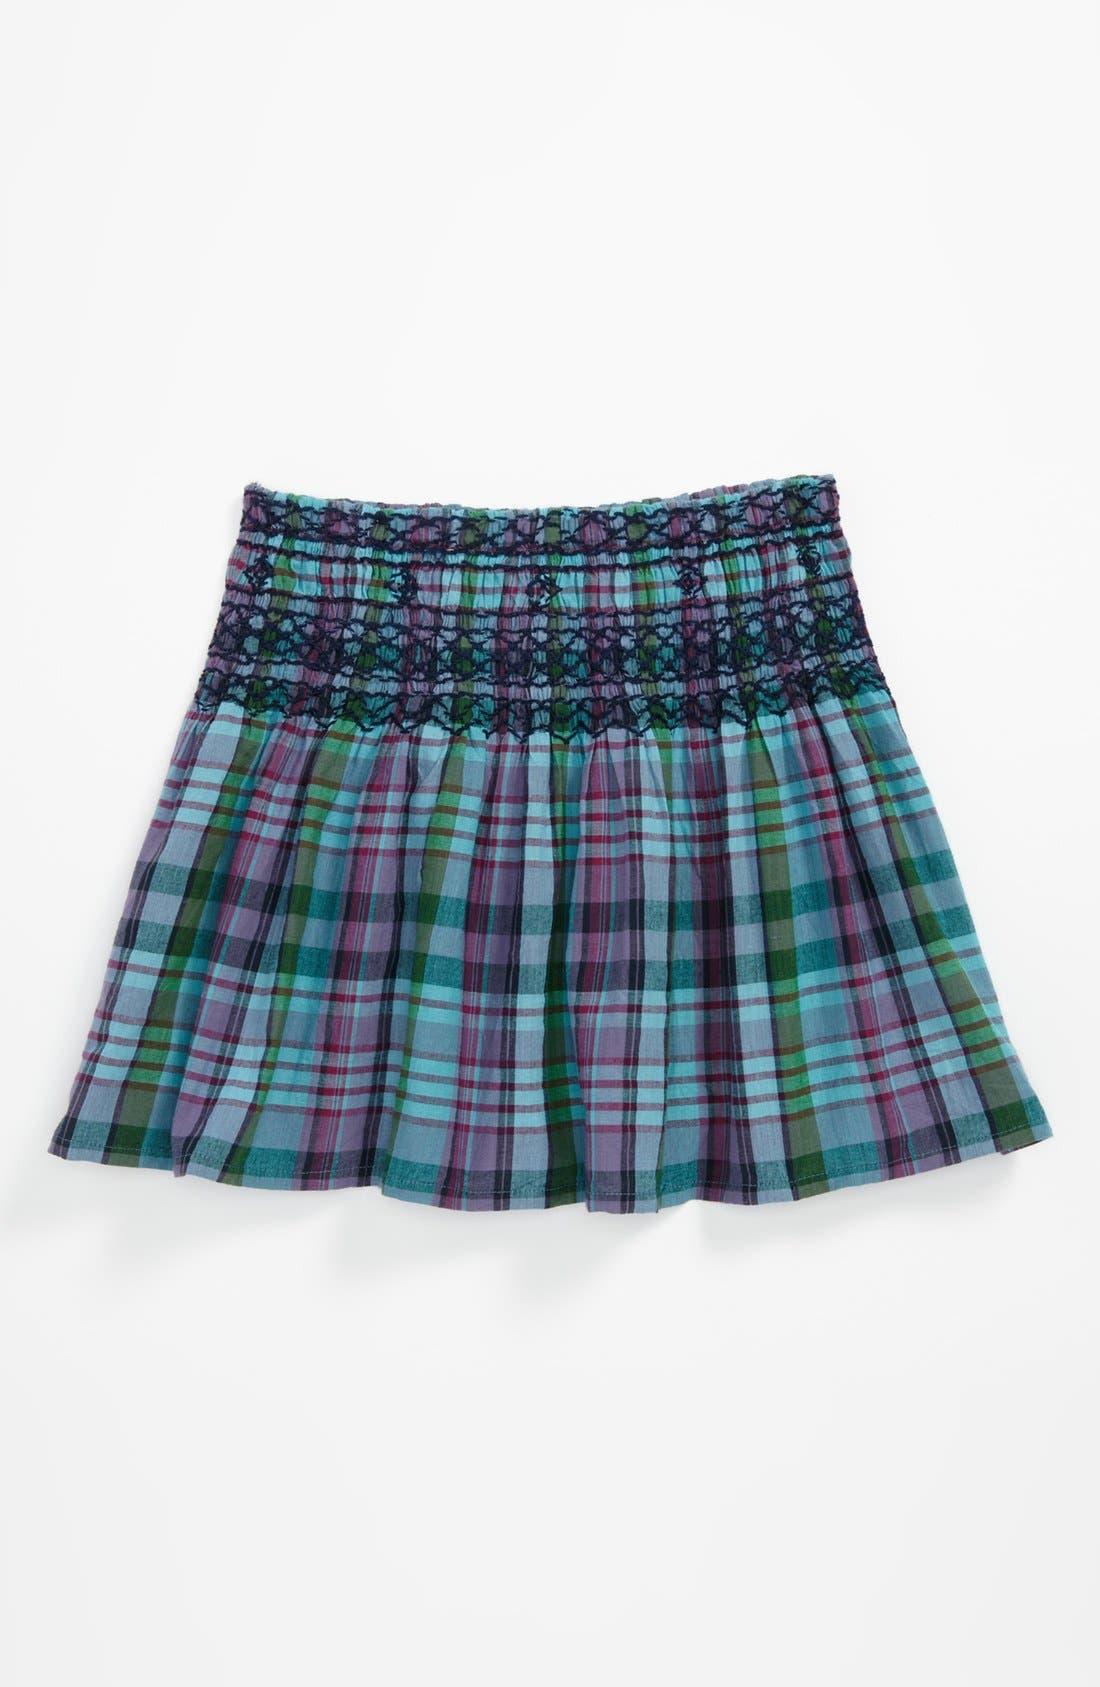 Main Image - Peek 'Pixi' Skirt (Toddler, Little Girls & Big Girls)